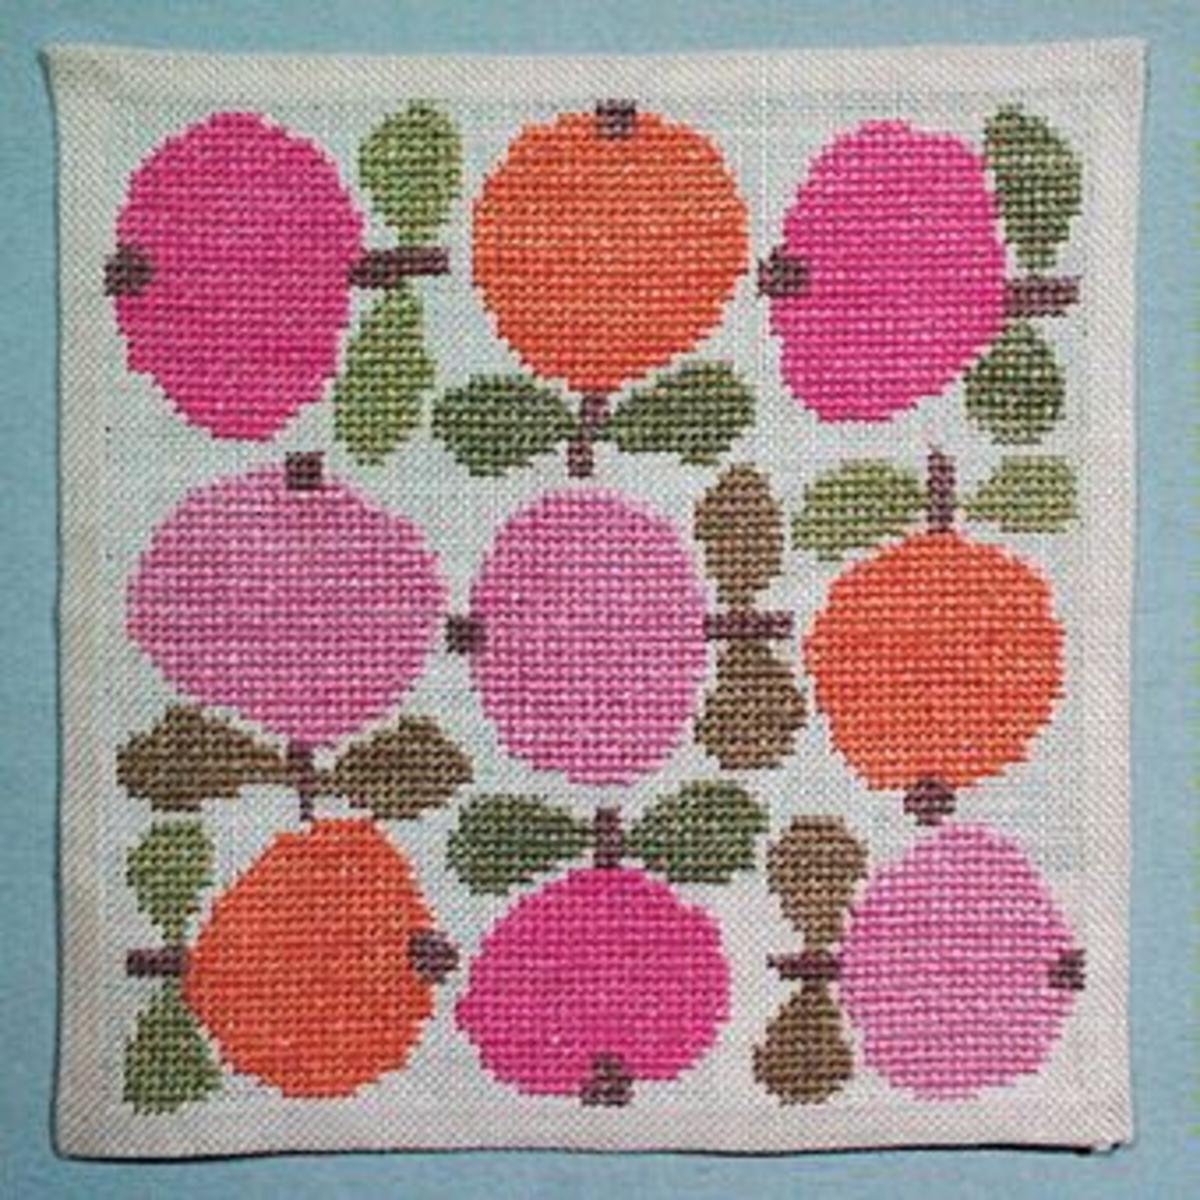 Använd som broderimodell i hemslöjdsbutiken - Kalmar läns Hemslöjd. Duk med äpplen åt olika håll över hela ytan. Broderade med korsstygn i rosa, grönt och gråbrunt.